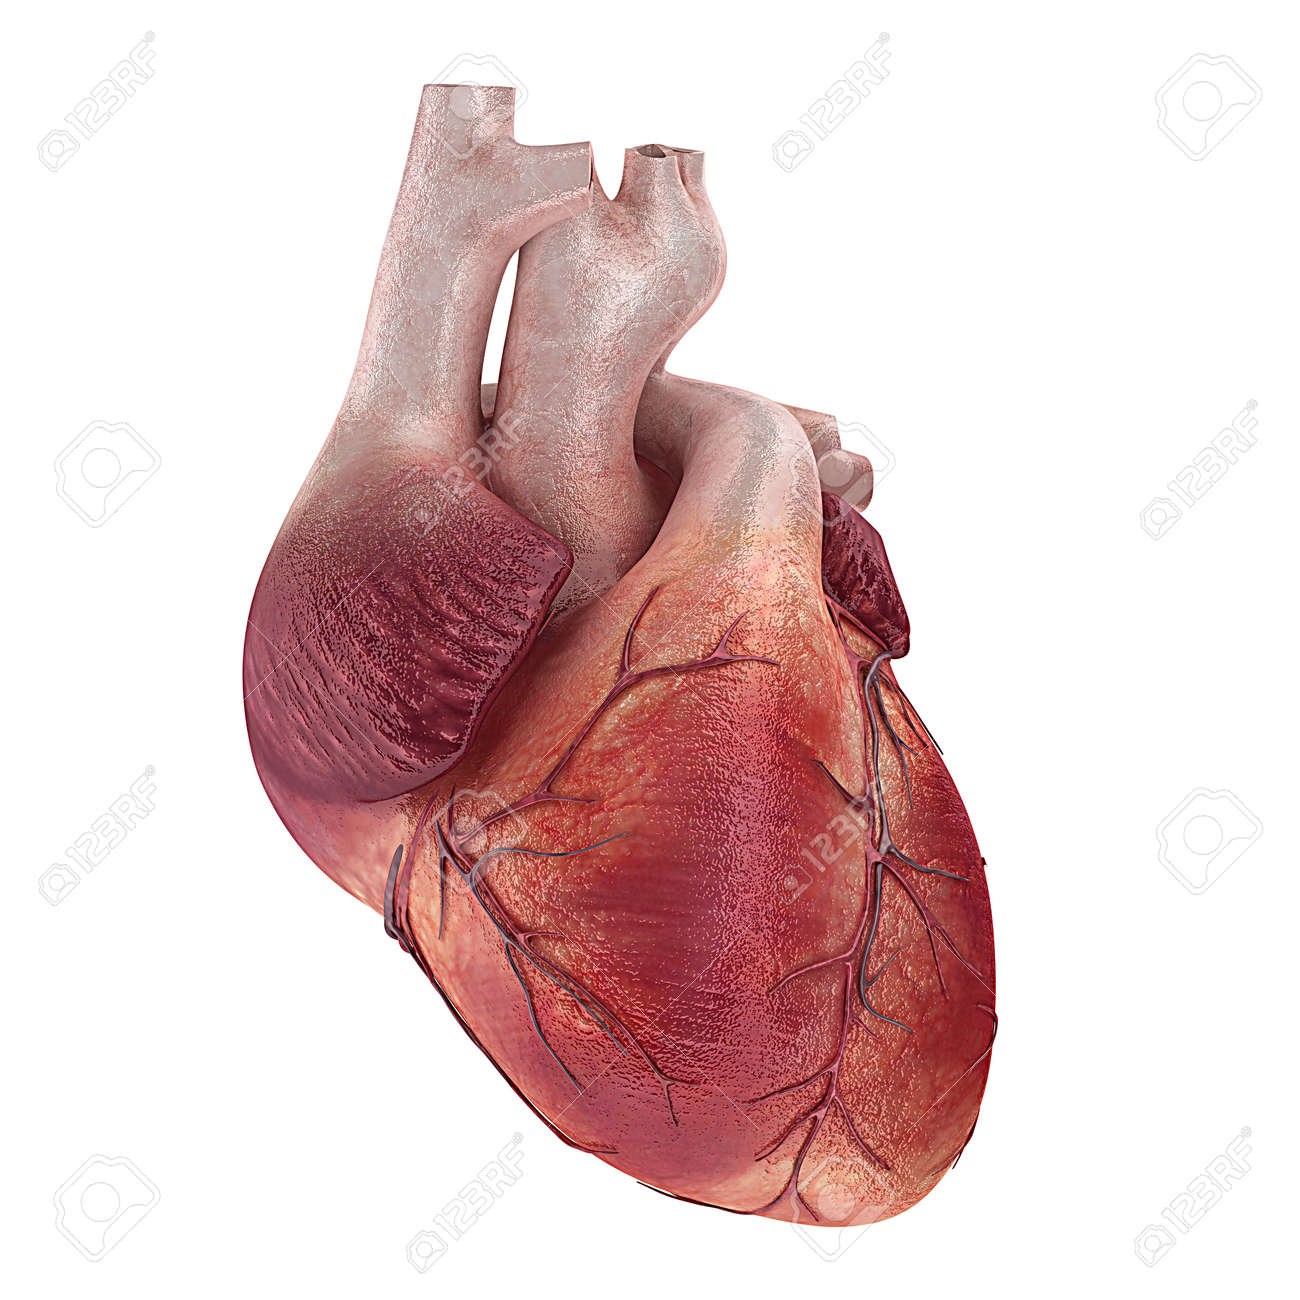 Coeur Humain Photo 3d a rendu l'illustration médicale d'un coeur humain banque d'images